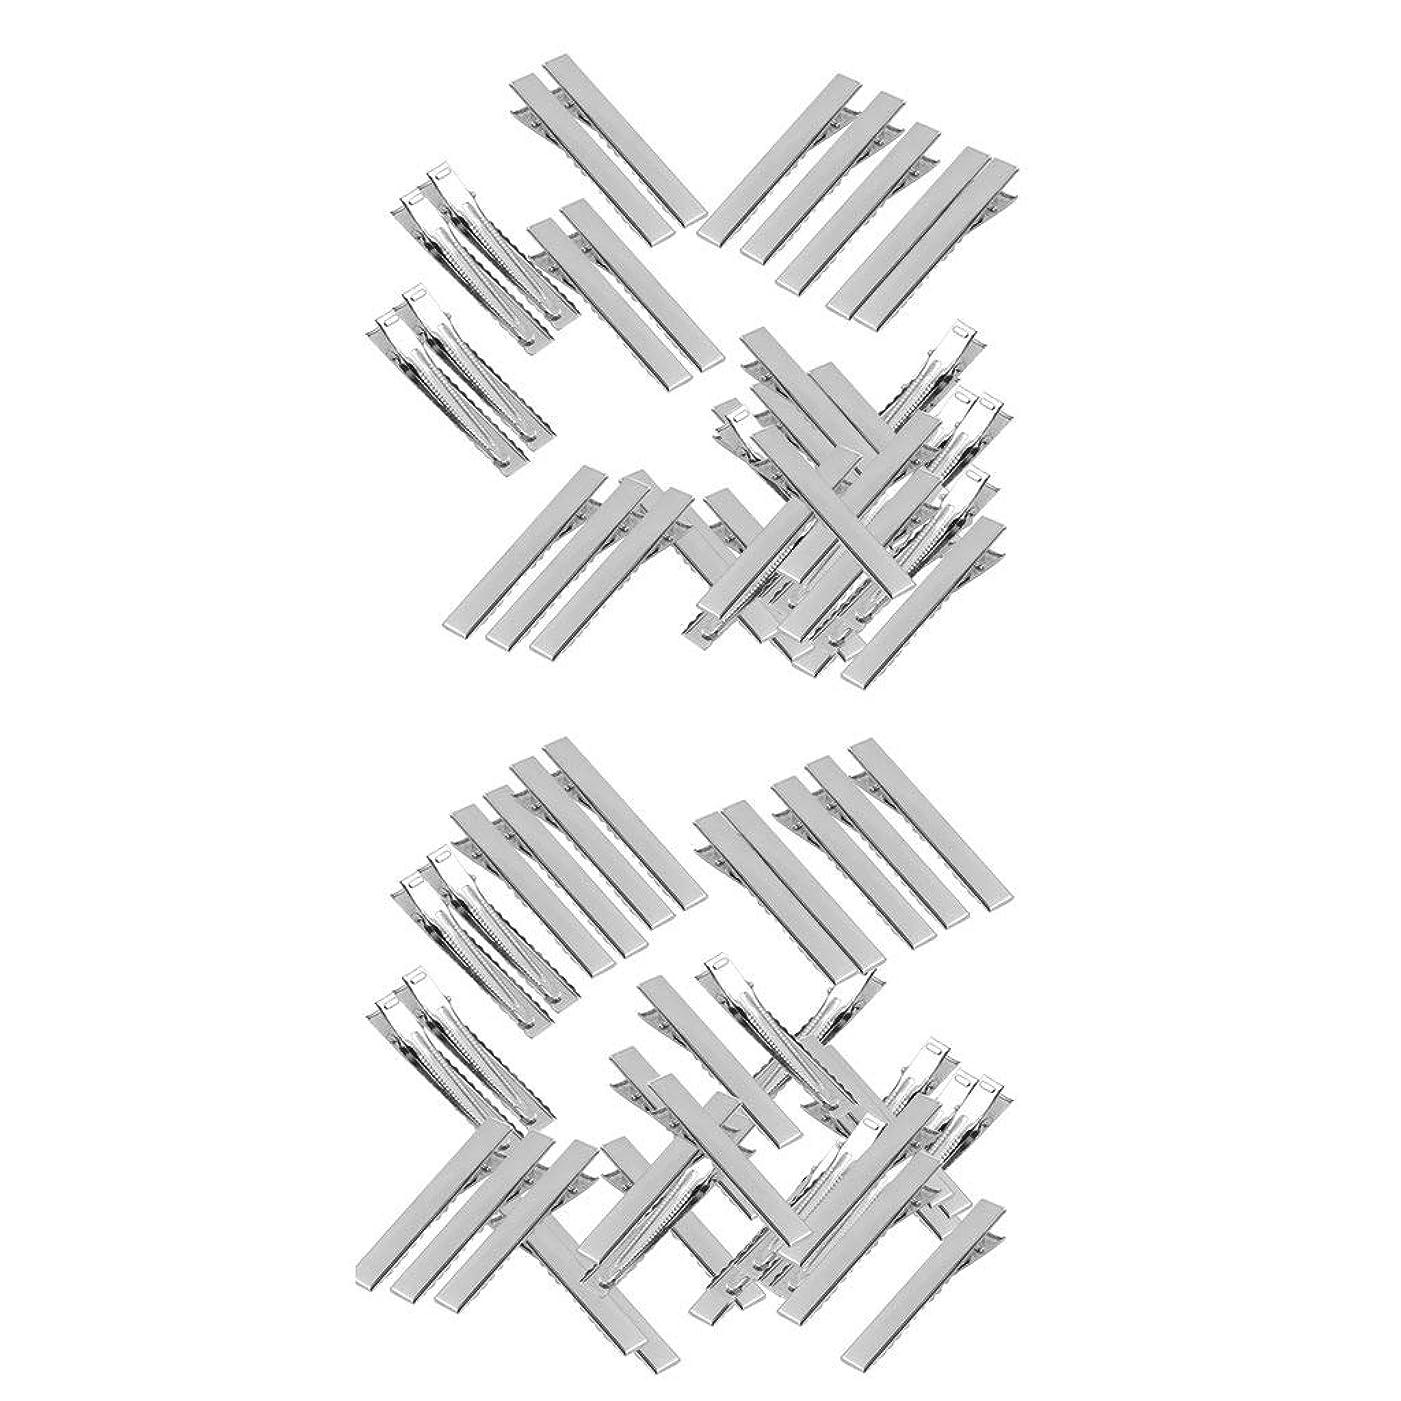 ラベアルミニウム相対性理論LUOSAI 女性DIYのヘアスタイル100pcsのためのスライバメタルプロングアリゲーターヘアクリップ46mm